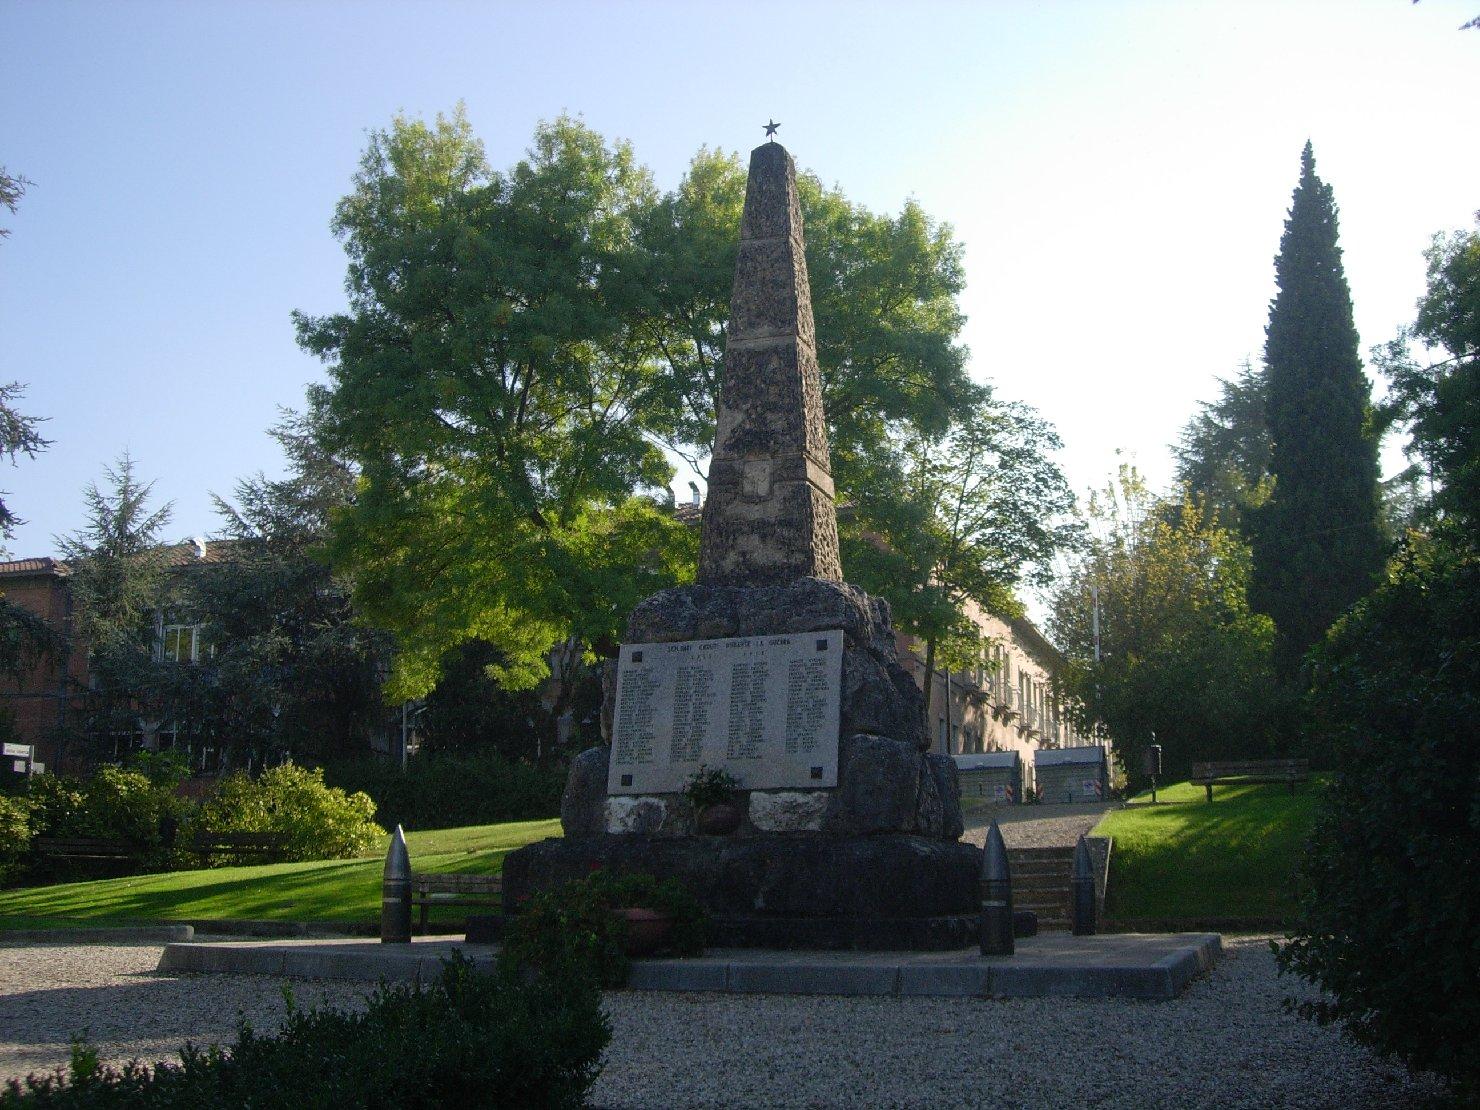 monumento ai caduti - ad obelisco di Cooperativa Marmisti di Verona (prima metà sec. XX)